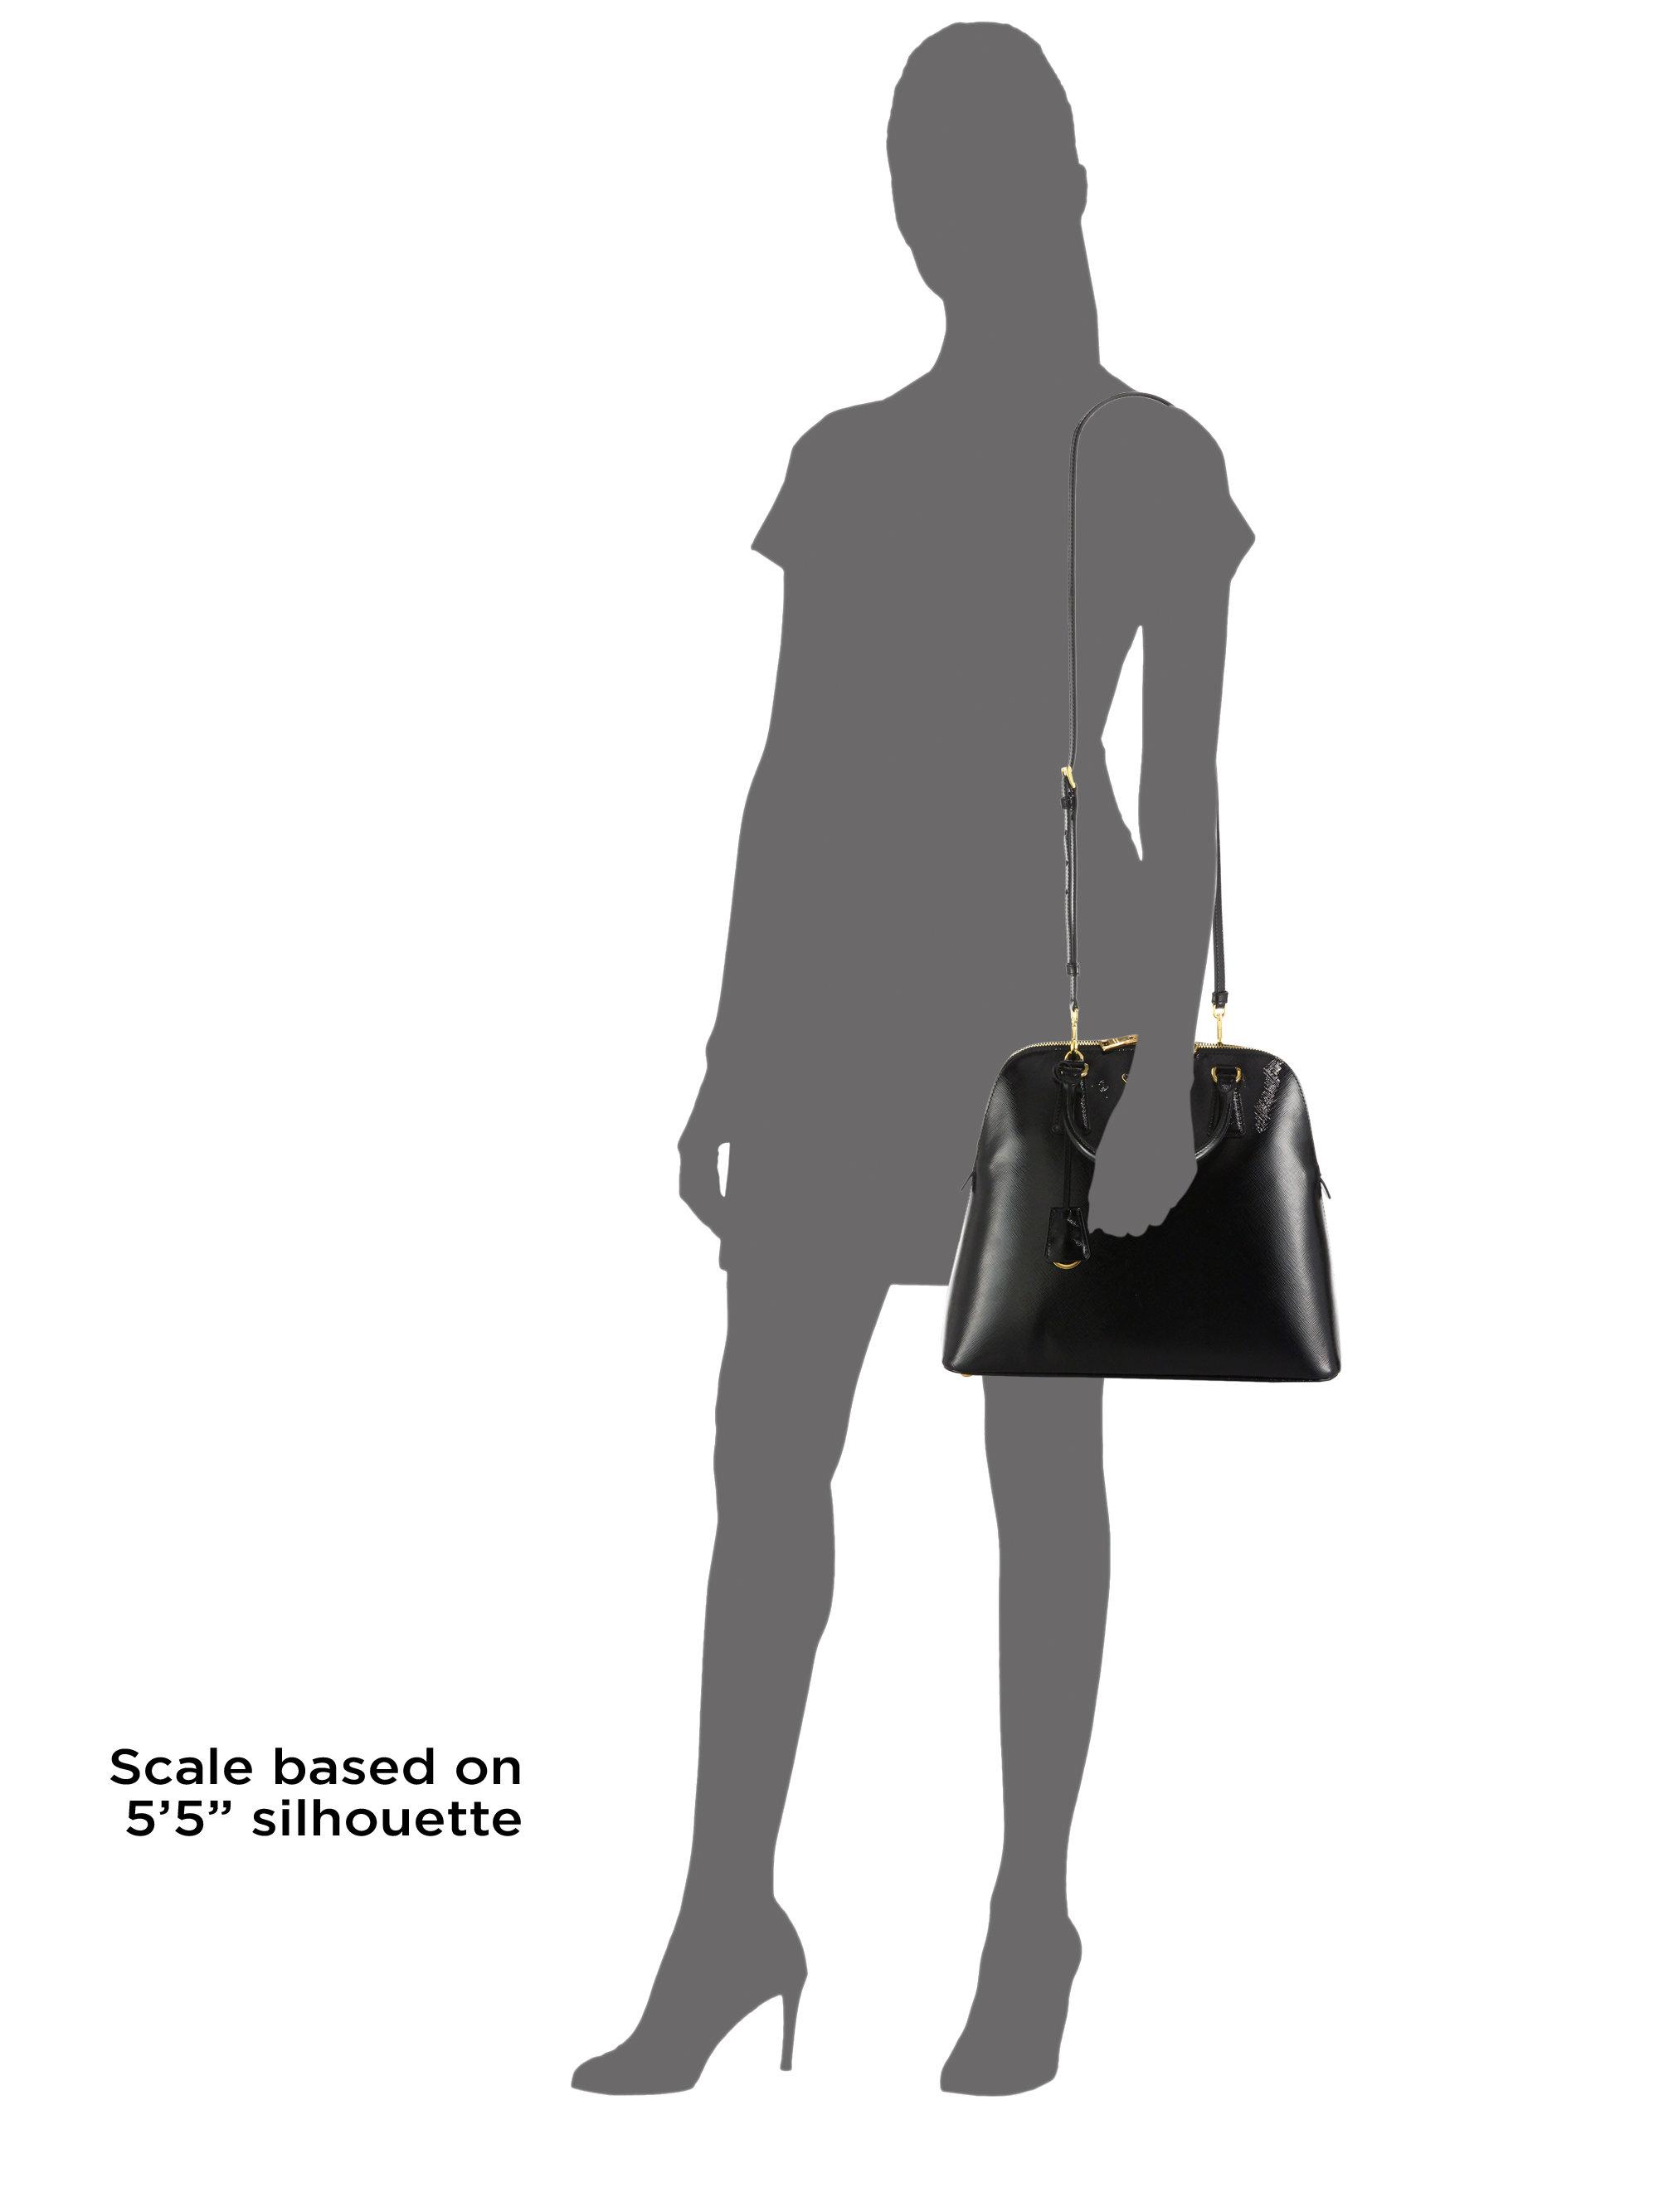 c8ce053c9 Prada Saffiano Vernice Promenade Bag in Black - Lyst